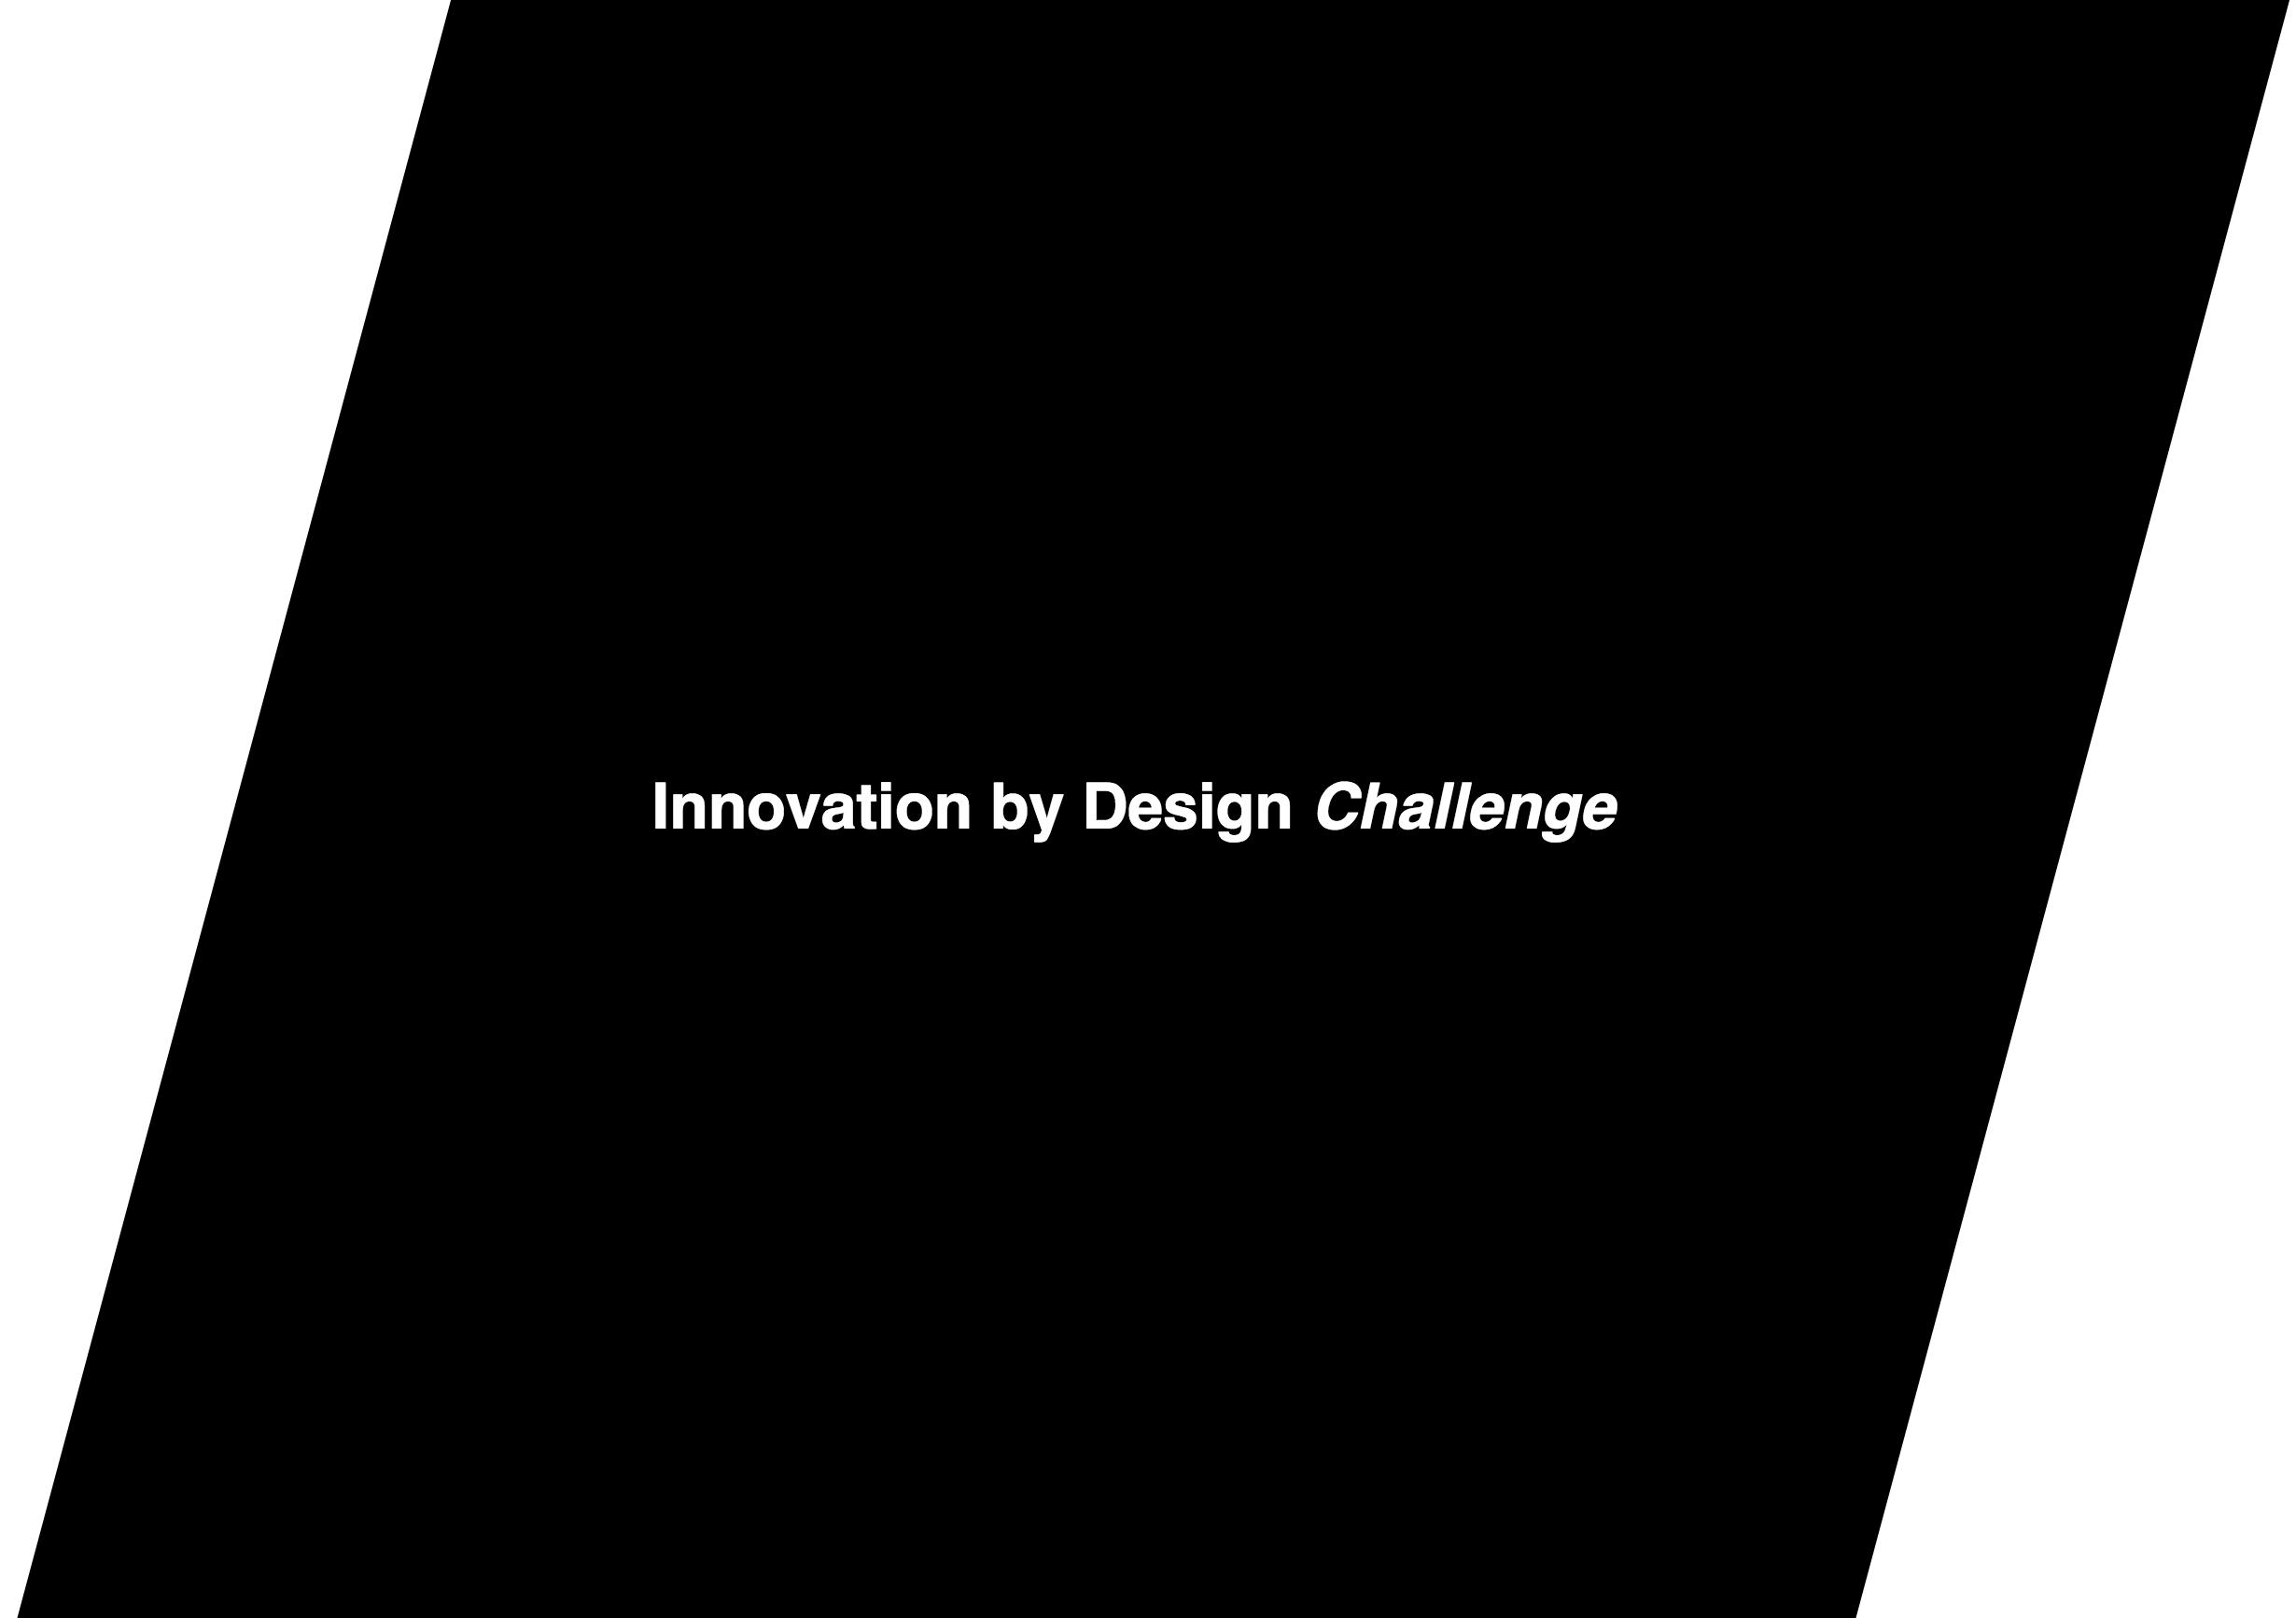 Taking part to the Innovation by Design Challenge, ECAL, Renens, 5-14.11.2018   Dans le but d'initier des collaborations inédites entre entreprises et designers de la région, l'ECAL, la HEIG-VD, l'EPFL, la Ville de Renens, Innovaud et Les Ateliers de Renens organisent des ateliers qui permettront d'imaginer comment améliorer l'offre d'un produit/service en utilisant les leviers du design.